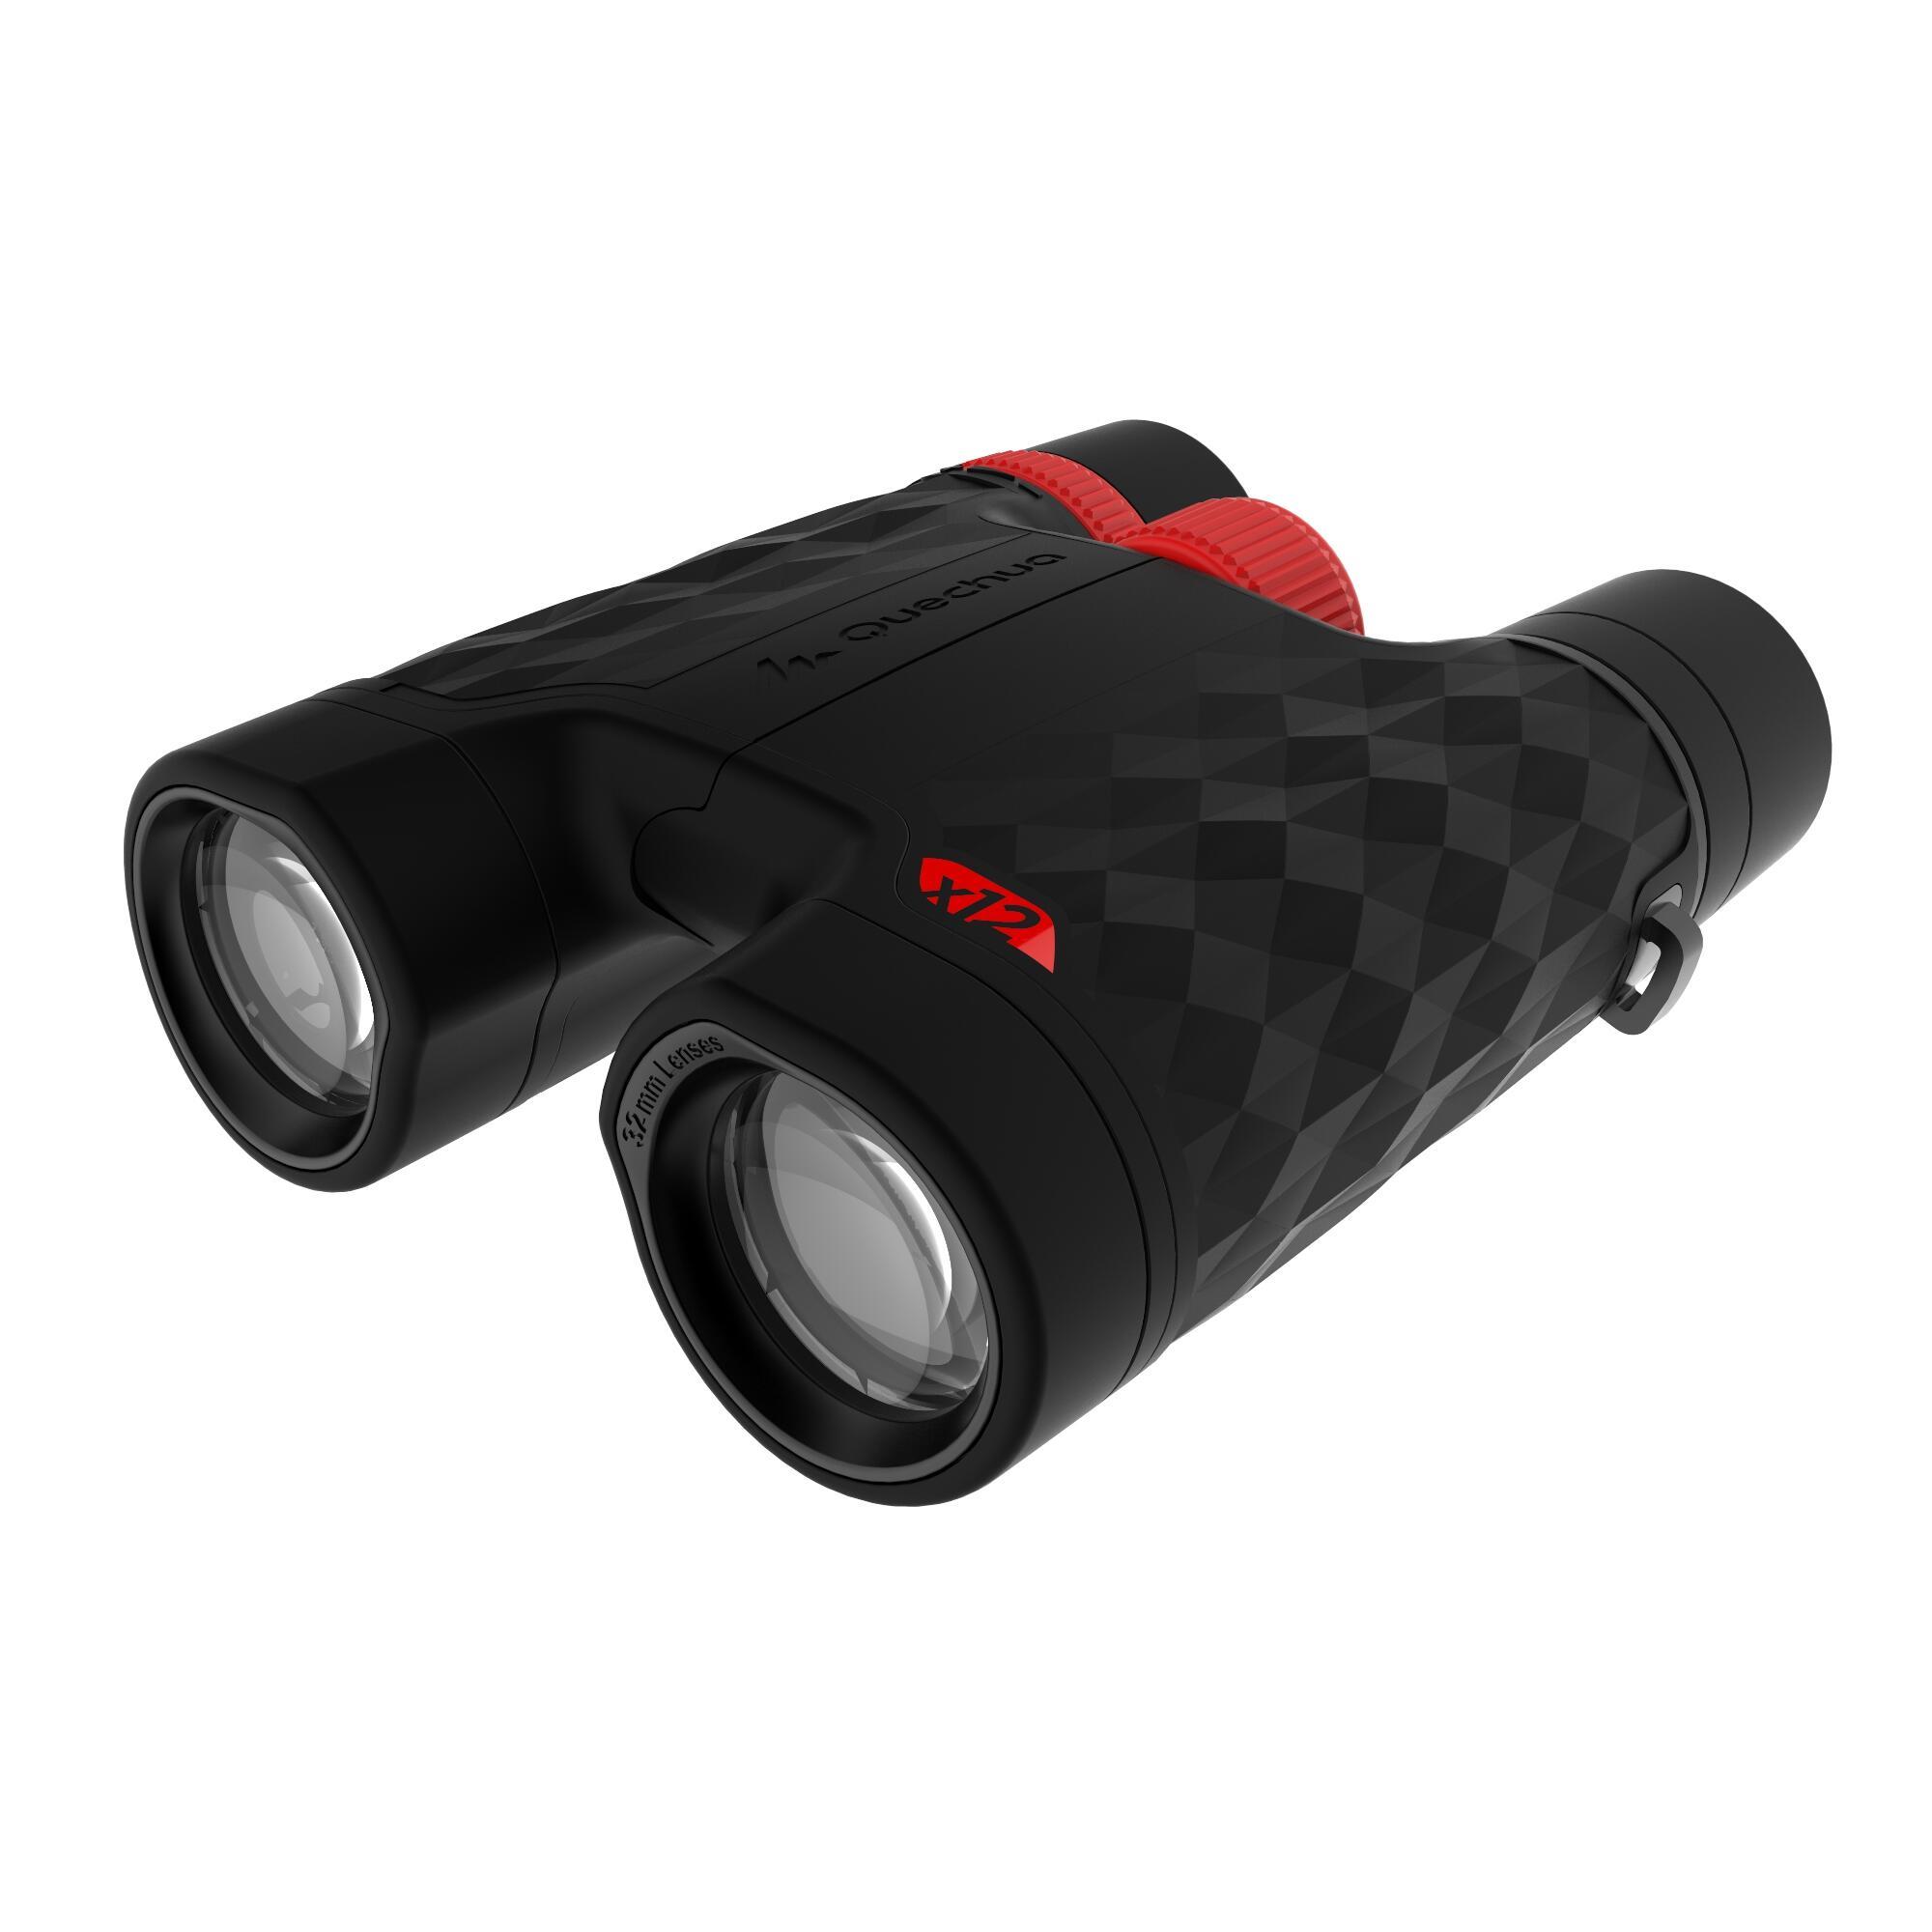 Binoculares travesía adulto aumento x12 con ajuste B900 negro